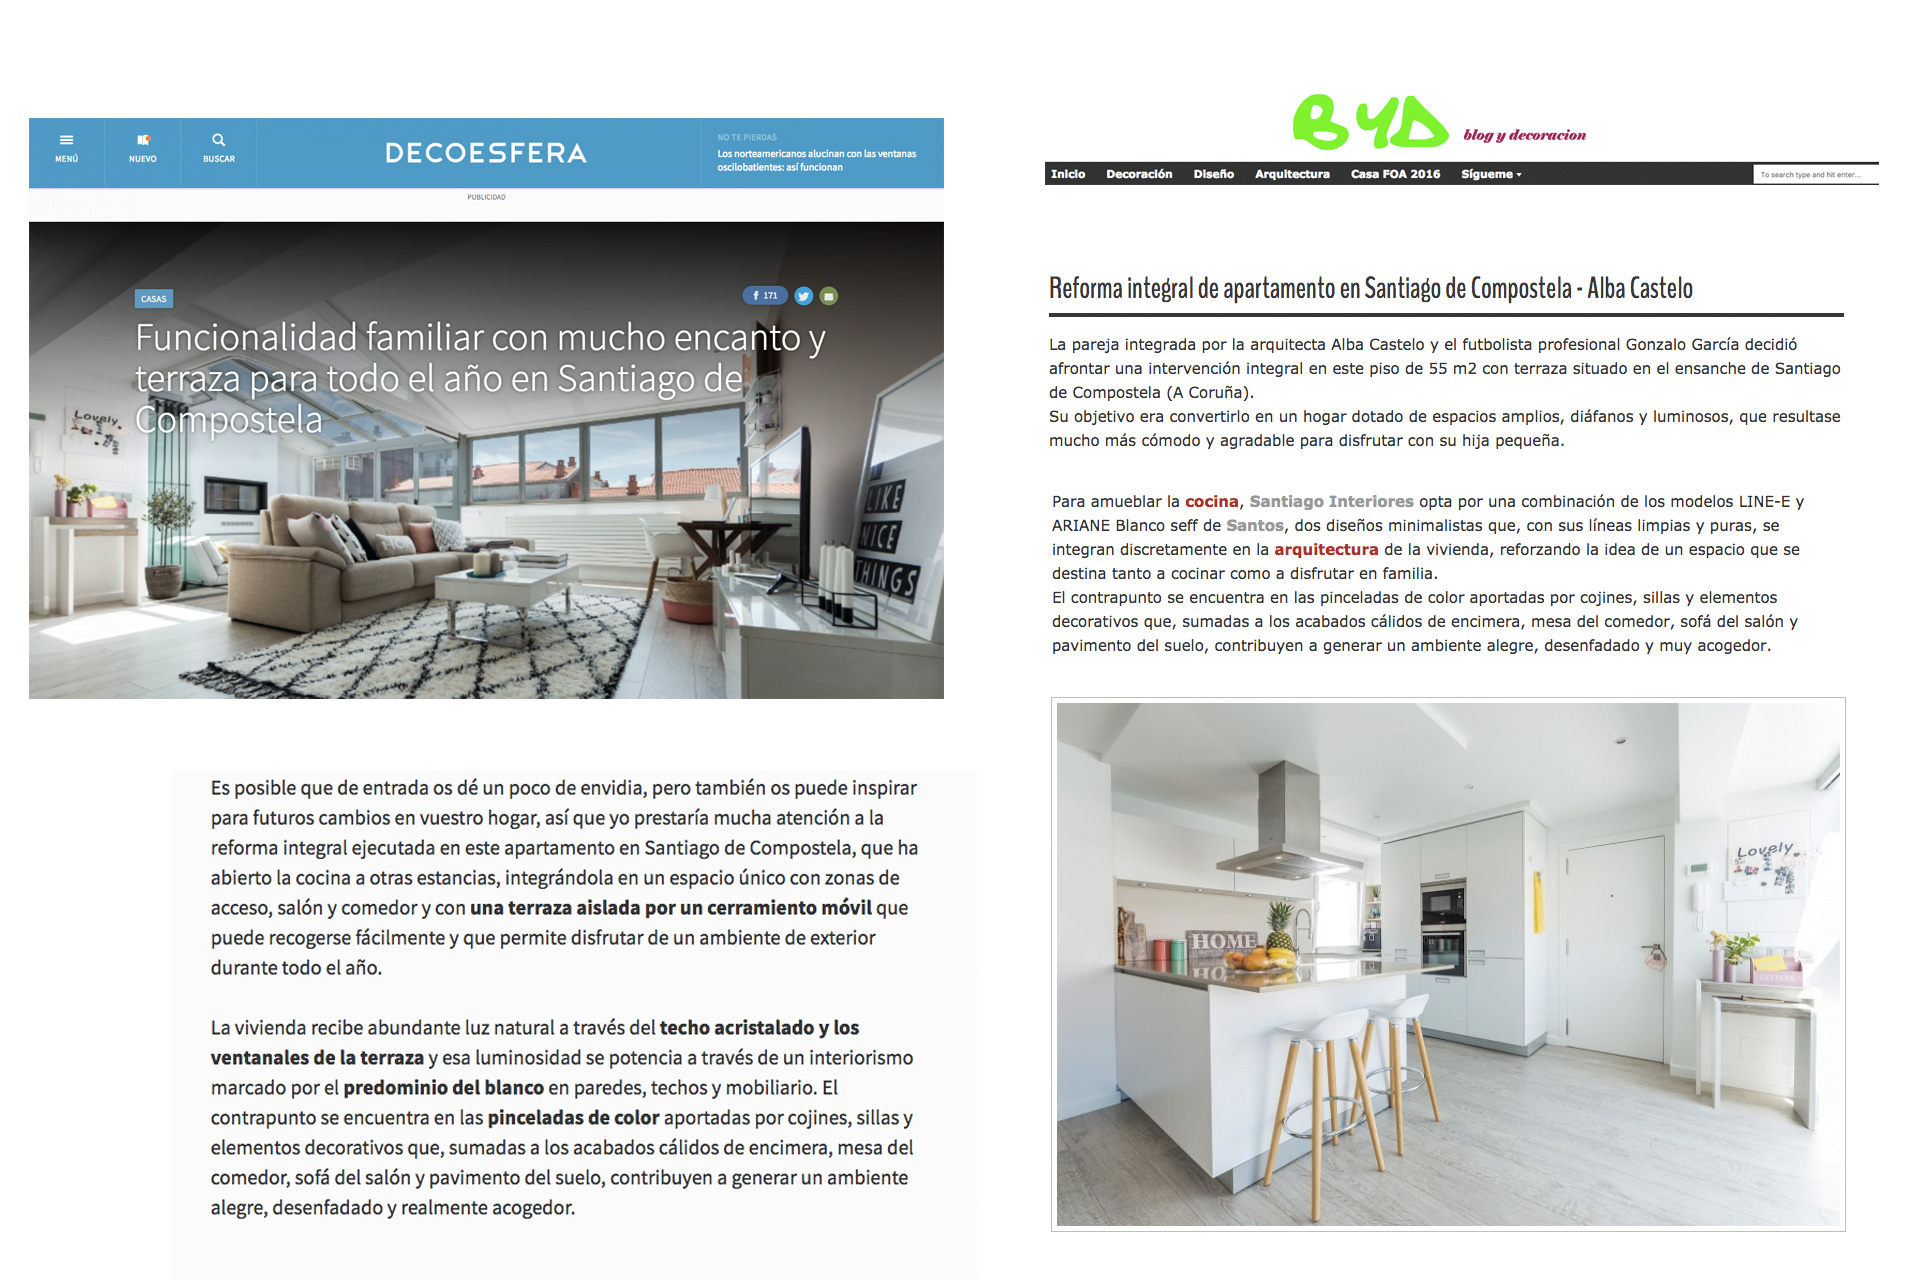 Santiago Interiores en los medios: una cocina abierta | Cocinas Santos | Santiago Interiores | Publicación en Decoesfera y Blog y Decoración